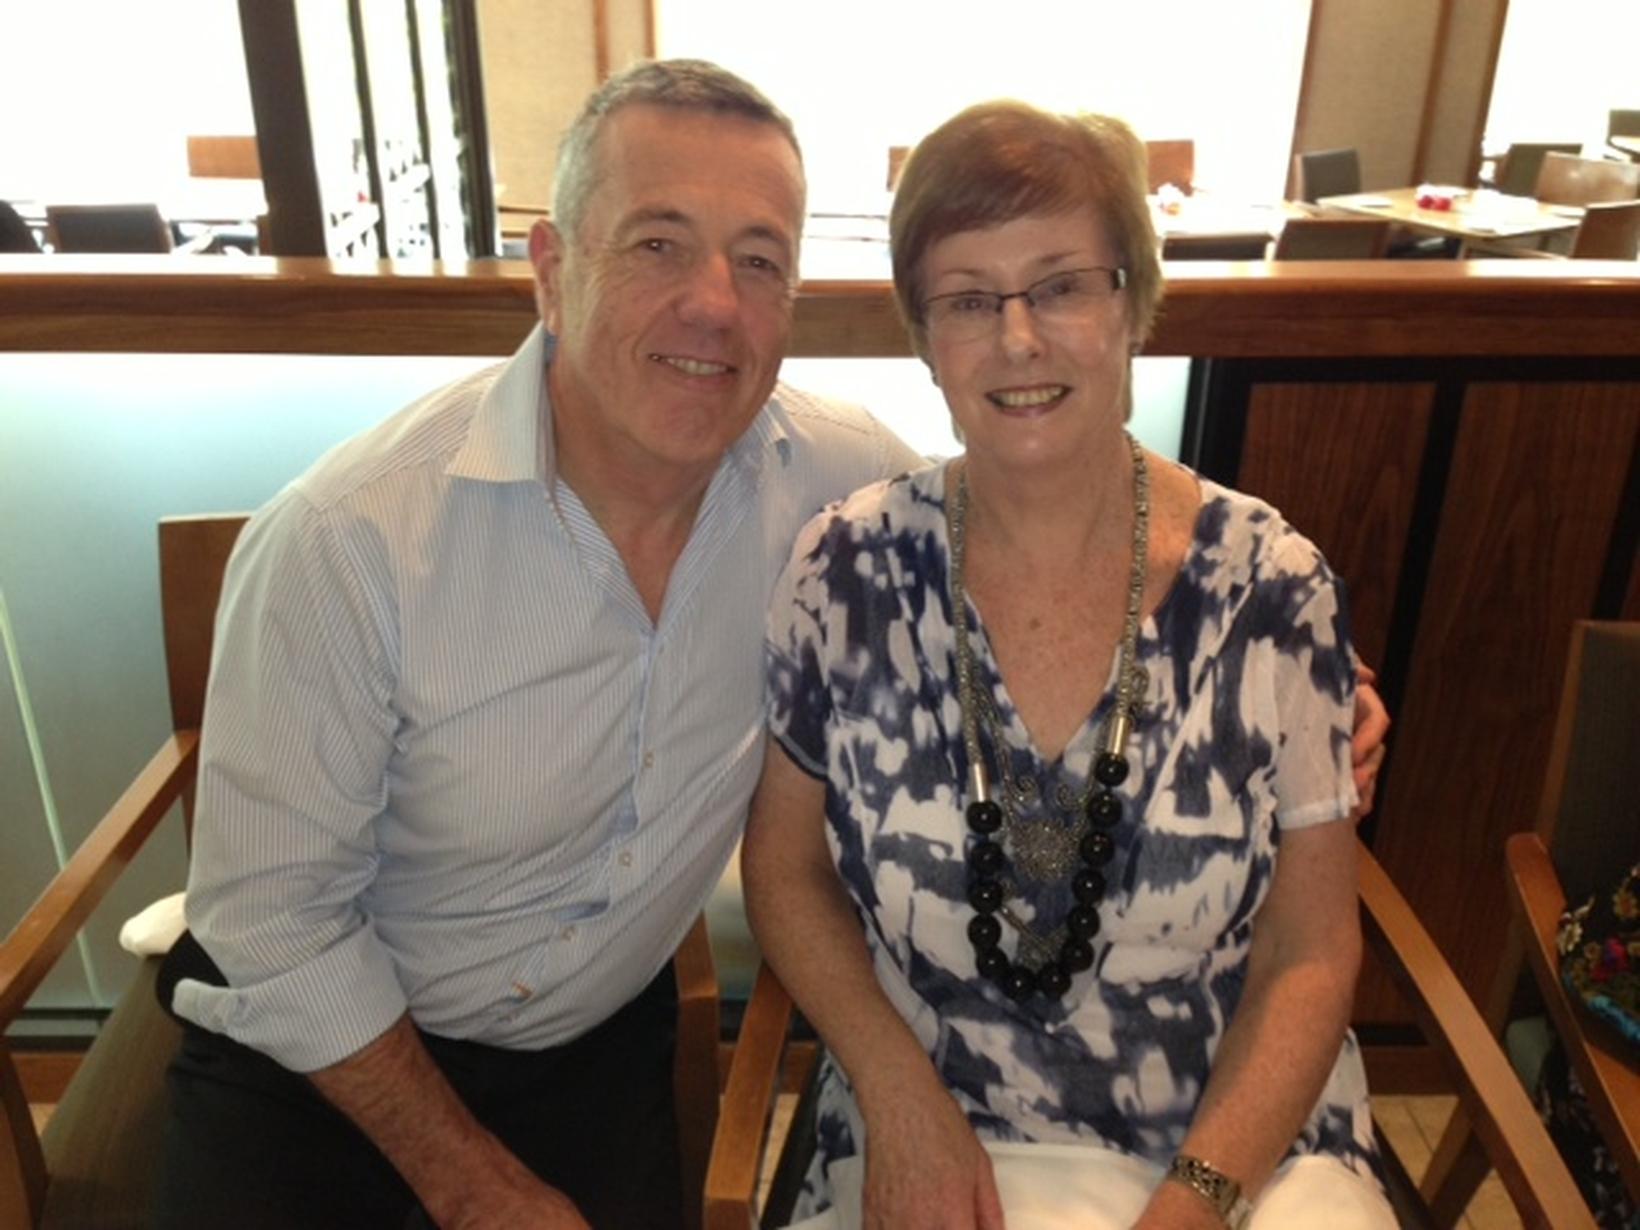 Philip & Bernadette from Melbourne, Victoria, Australia